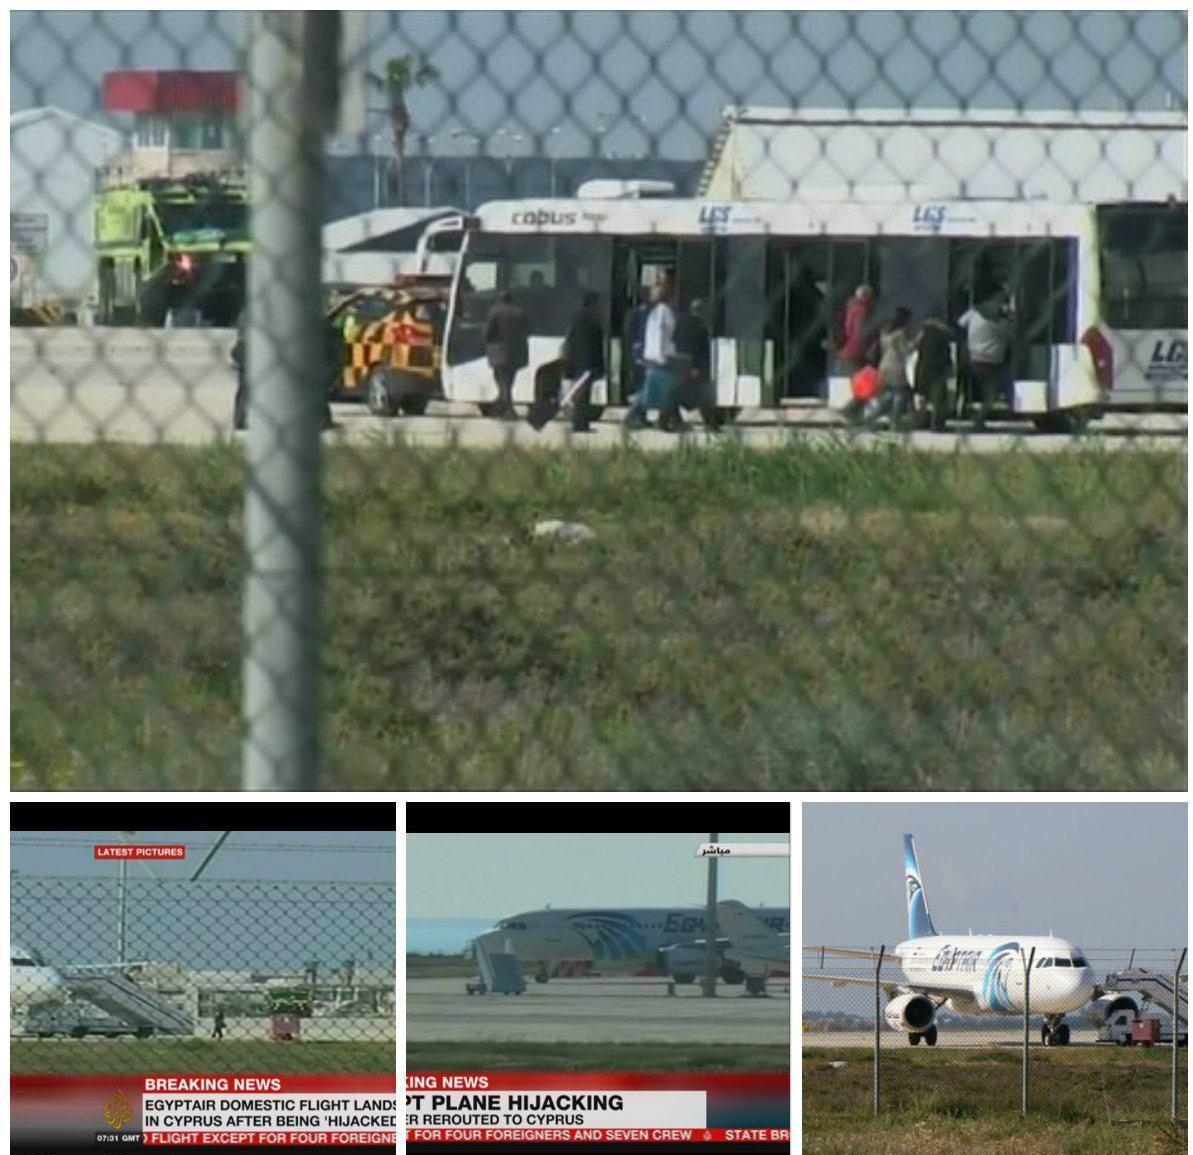 ربوده شدن یک هواپیمای مصر / هواپیما در قبرس فرود آمد / همه مسافران مصری پیاده شدند / 5 مسافر غیرمصری در هواپیما باقی ماندند / هواپیماربا درخواست پناهندگی کرد